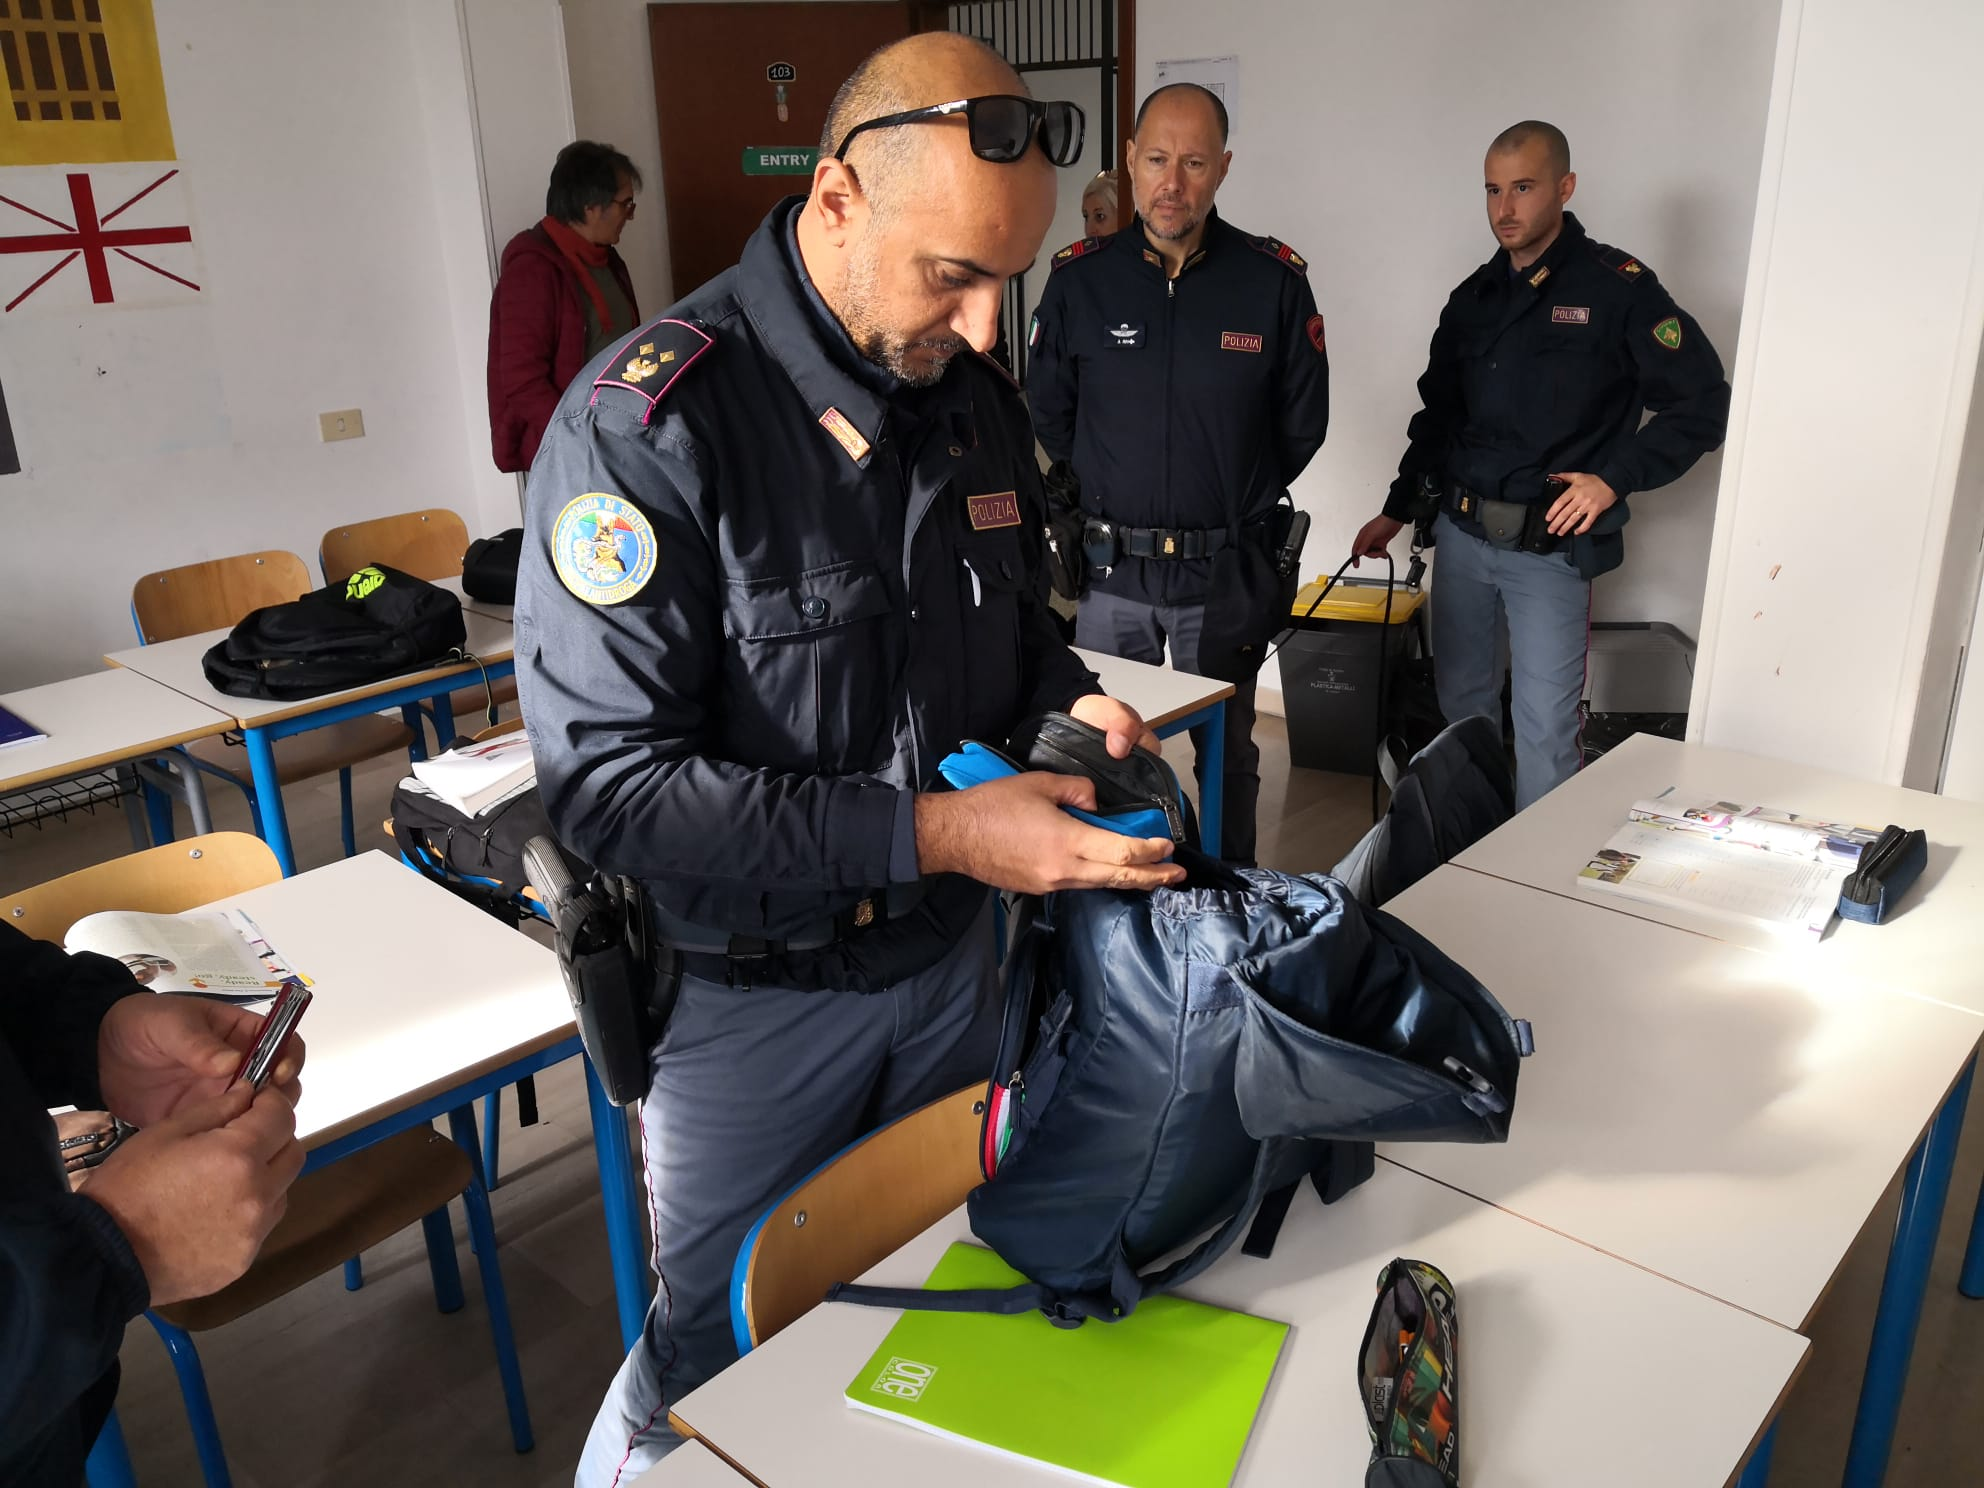 Anzio: gli alunni escono per l'esercitazione antincendio, la polizia entra e trova la droga - Il Corriere della Città